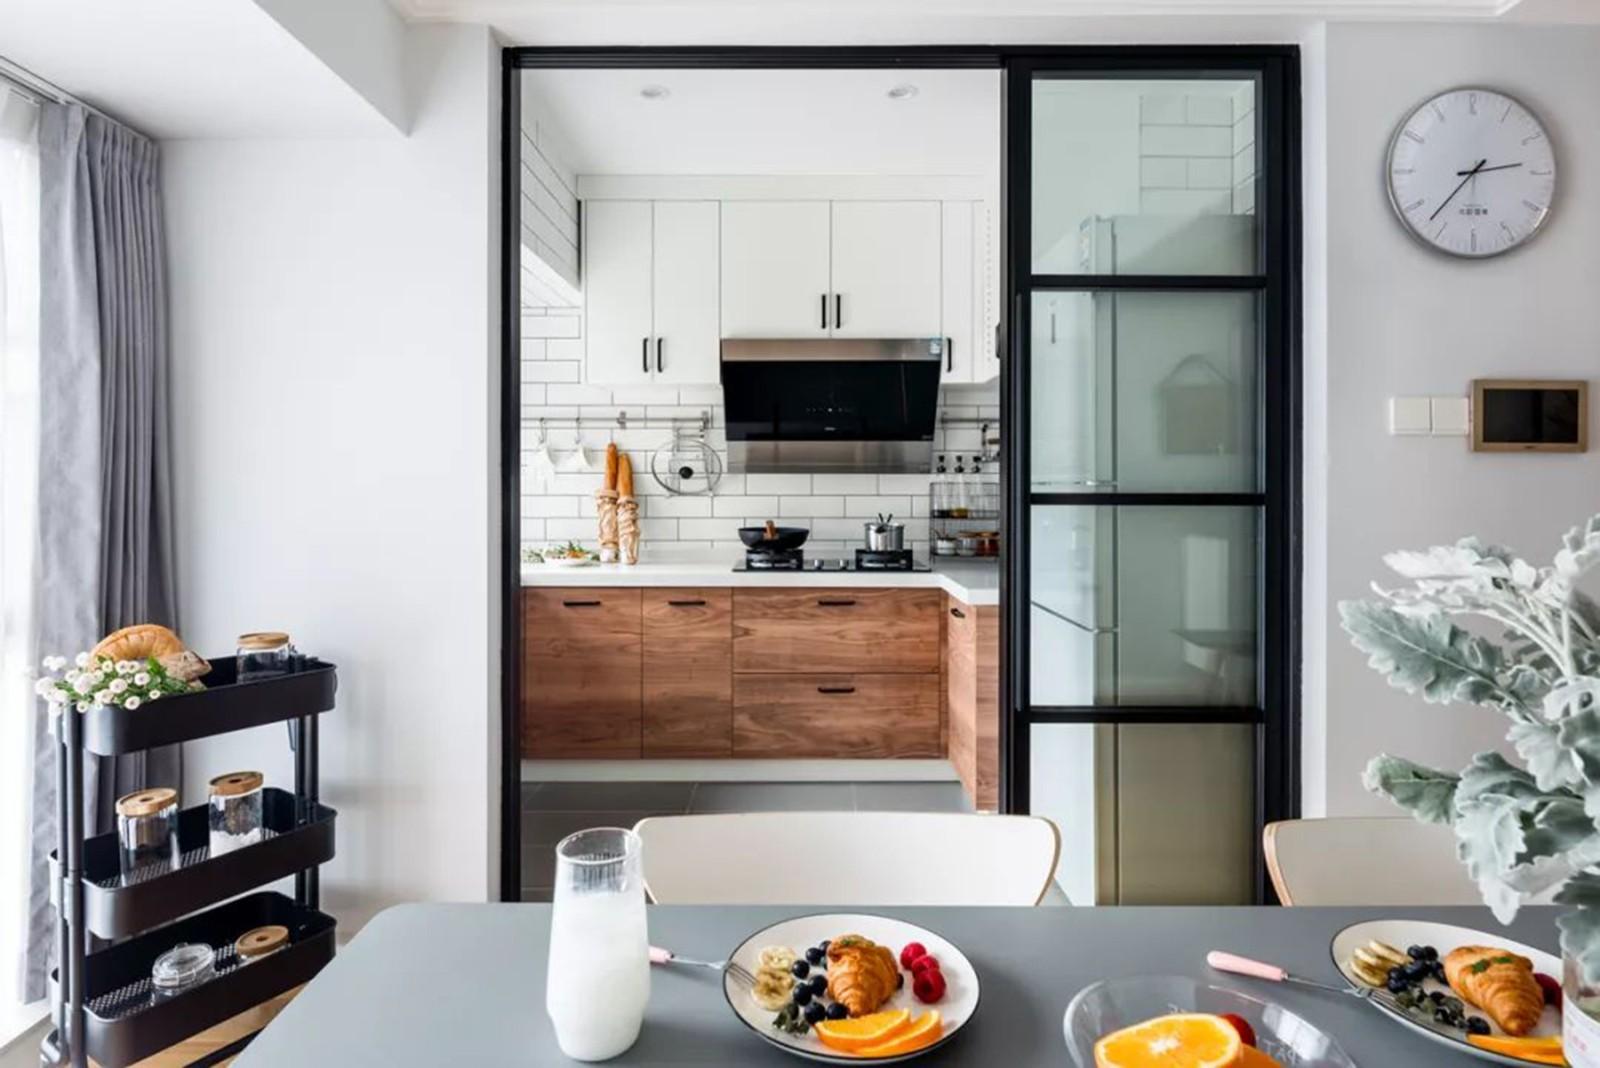 2020歐式廚房裝修圖 2020歐式推拉門裝修設計